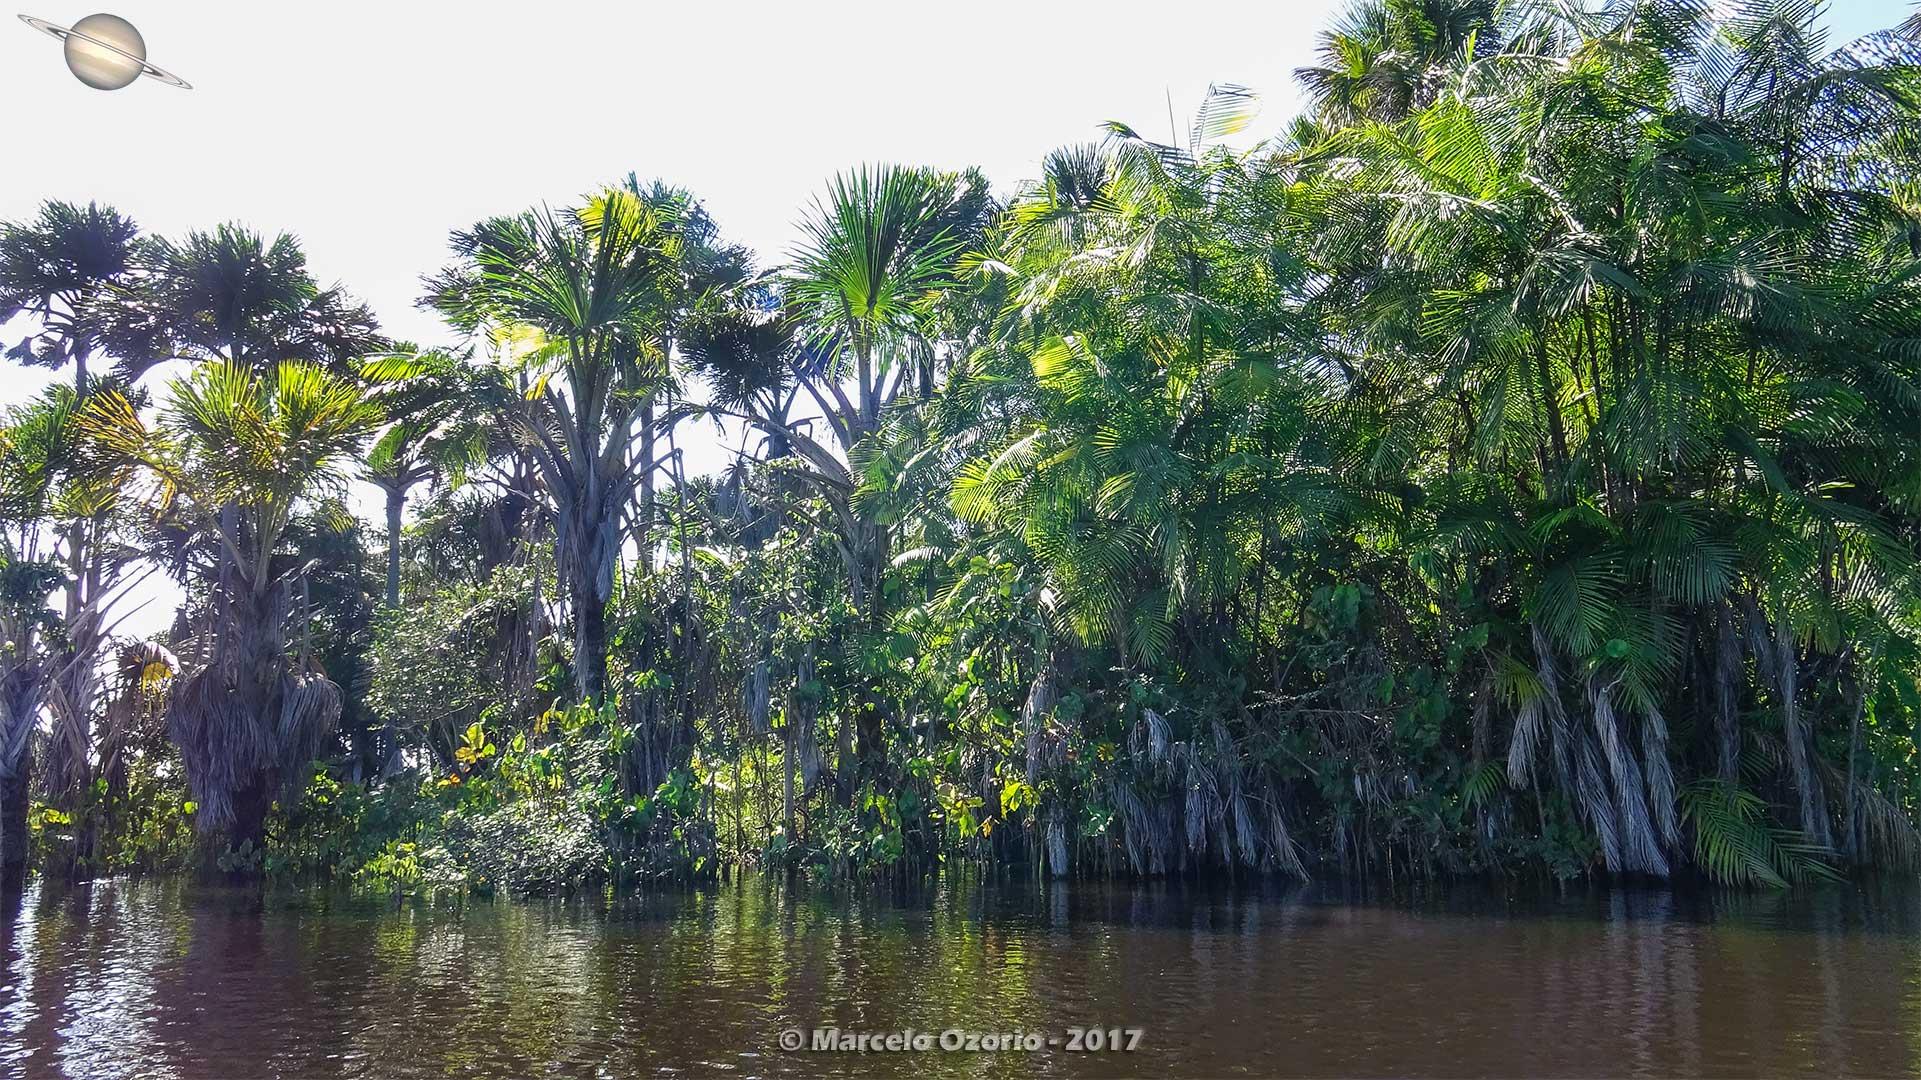 barreirinhas descendo rio preguicas atins 6 - De Barreirinhas à Canto do Atins. Trekking nos Lençóis Maranhenses - Brasil